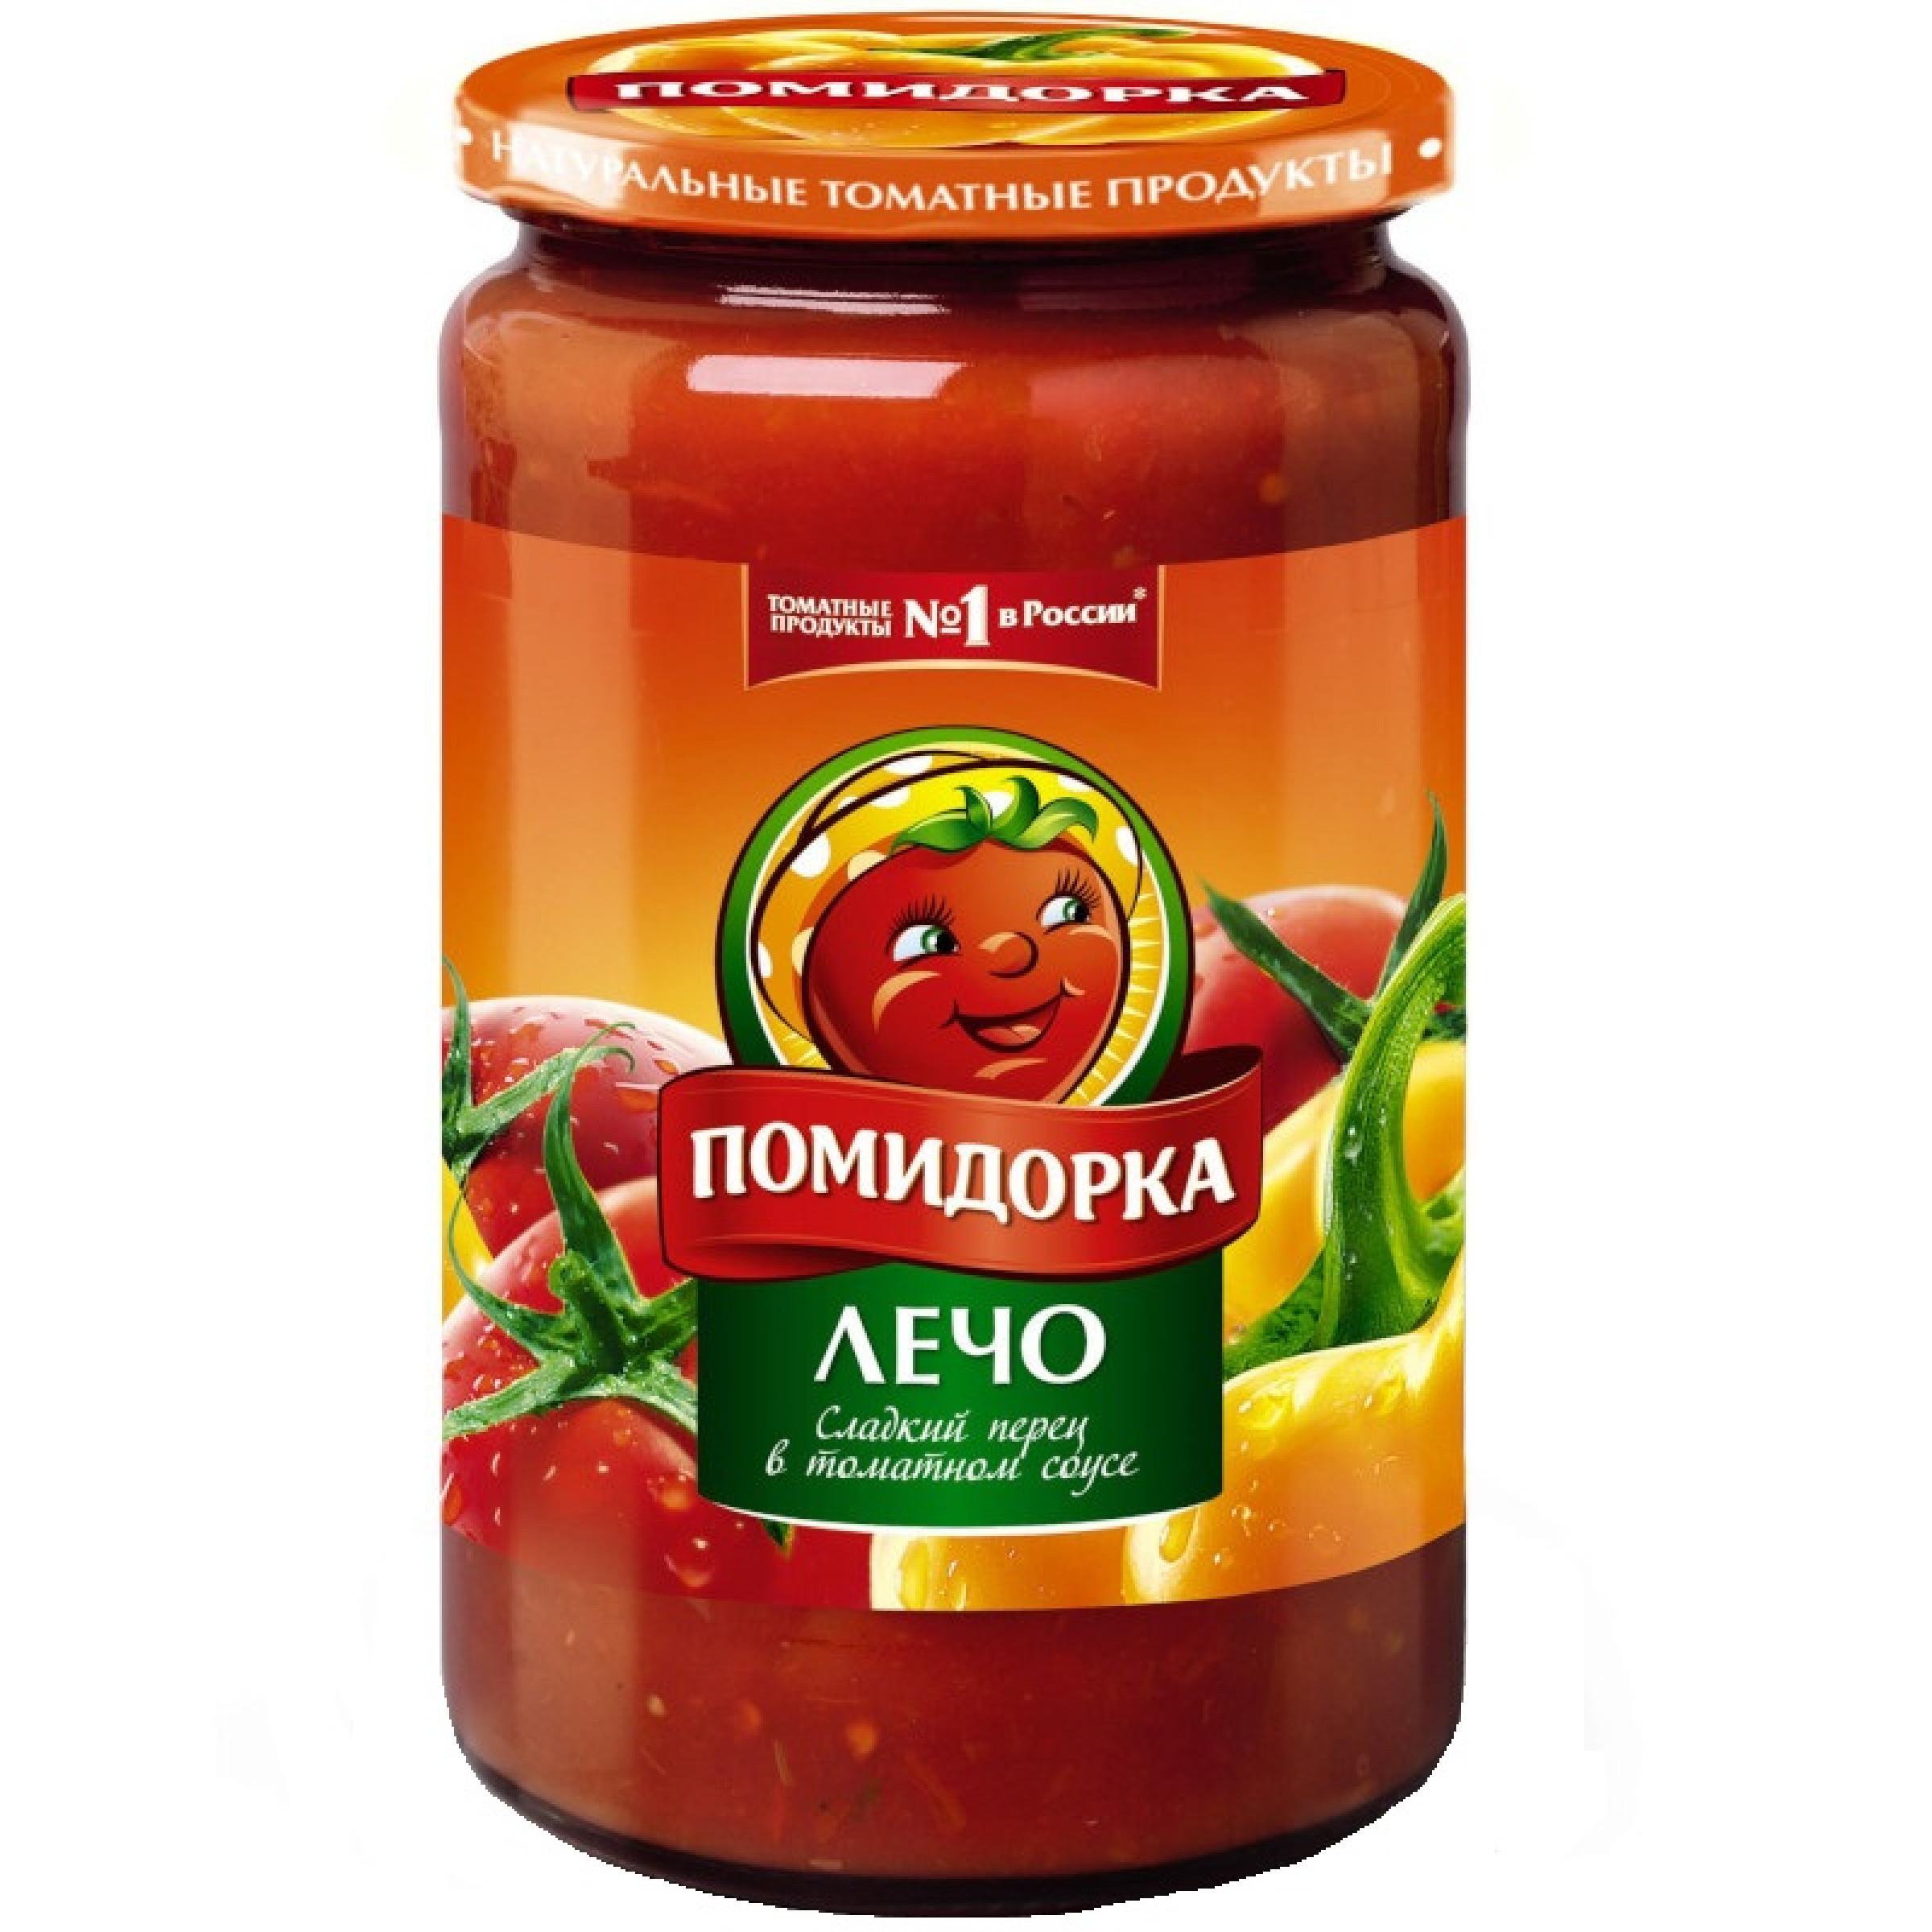 """Лечо """" Помидорка """", 720гр"""